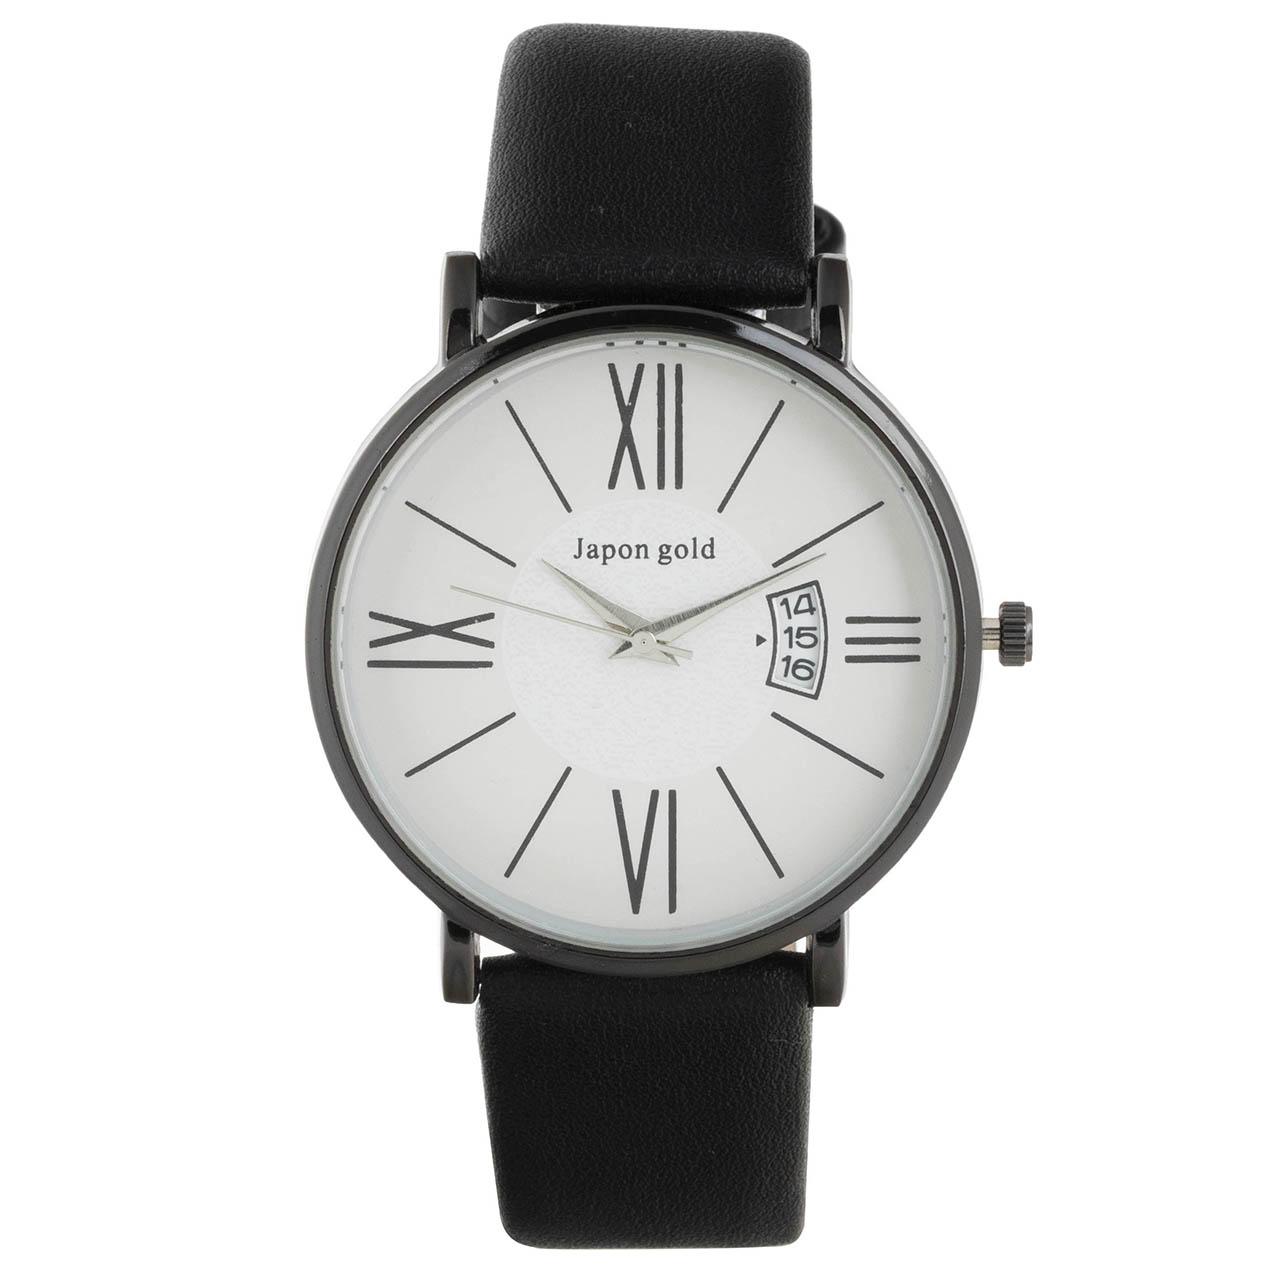 ساعت مچی عقربه ای ژاپن گلد مدل T01